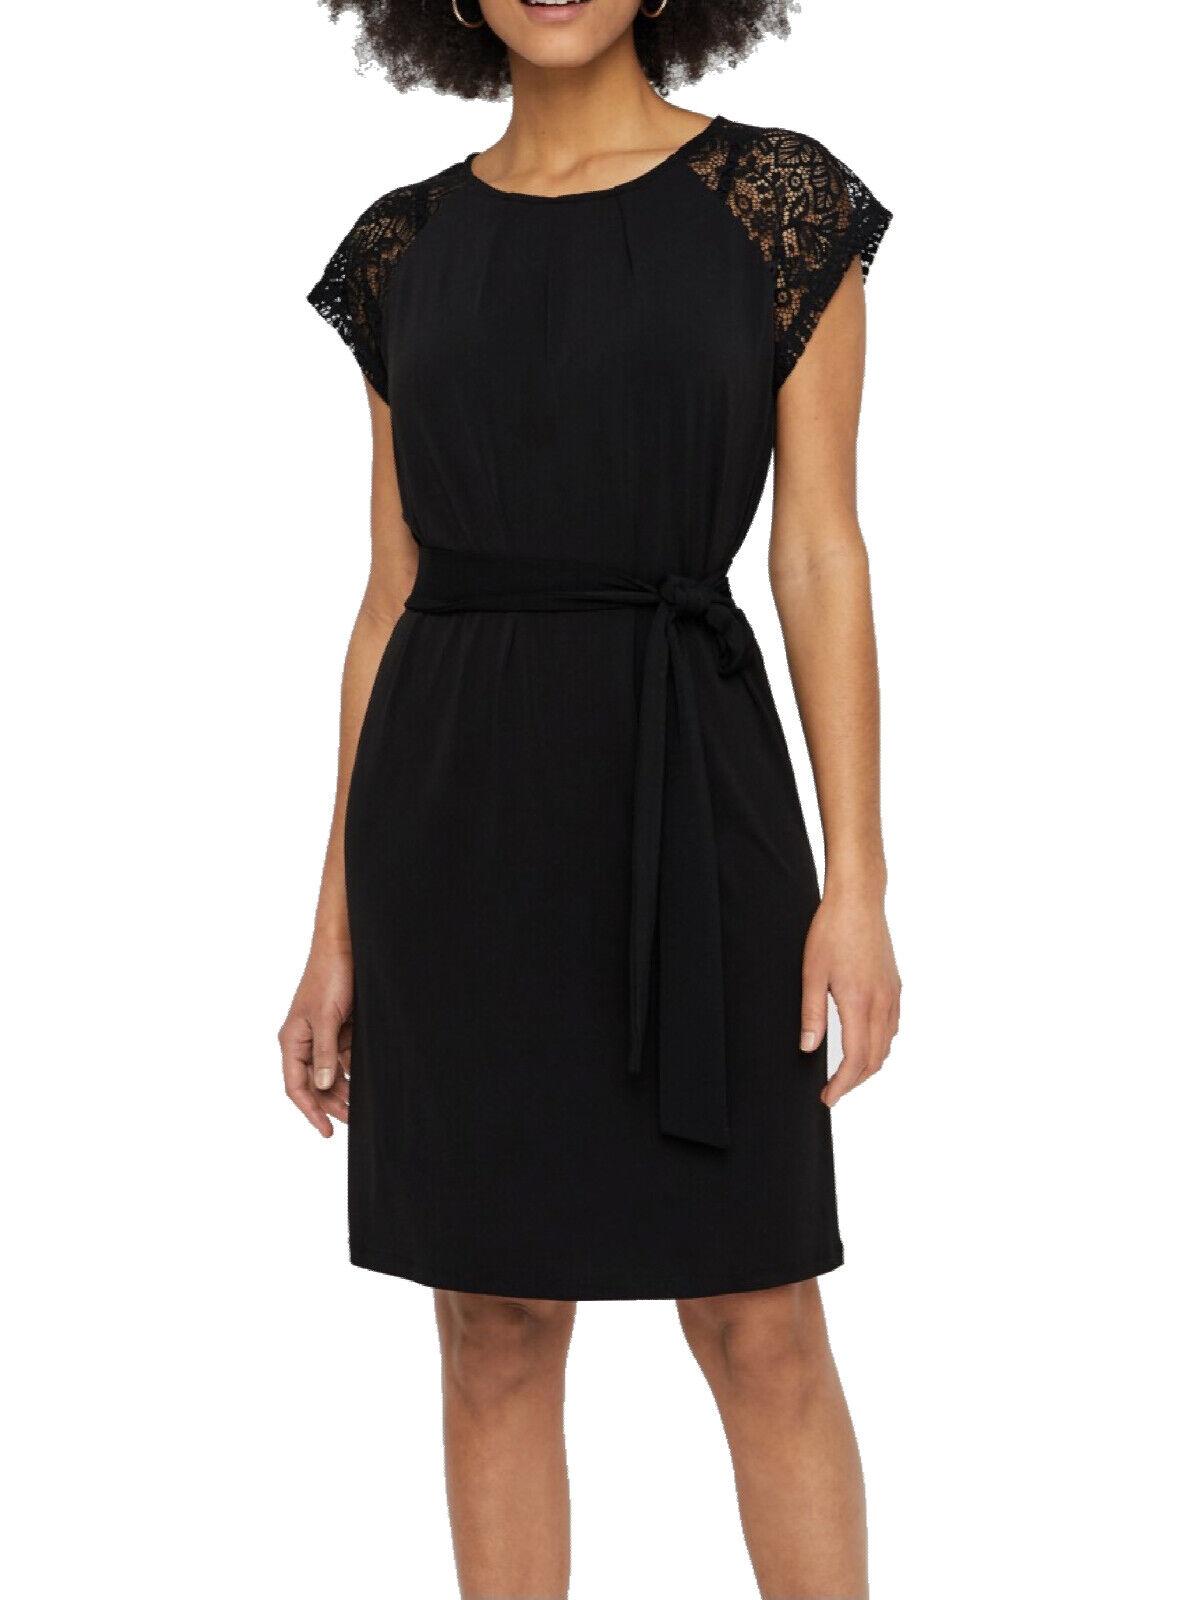 Vero Moda kurzes Damen Kleid Spitze Gürtel Knielang Festlich Party Abendkleid